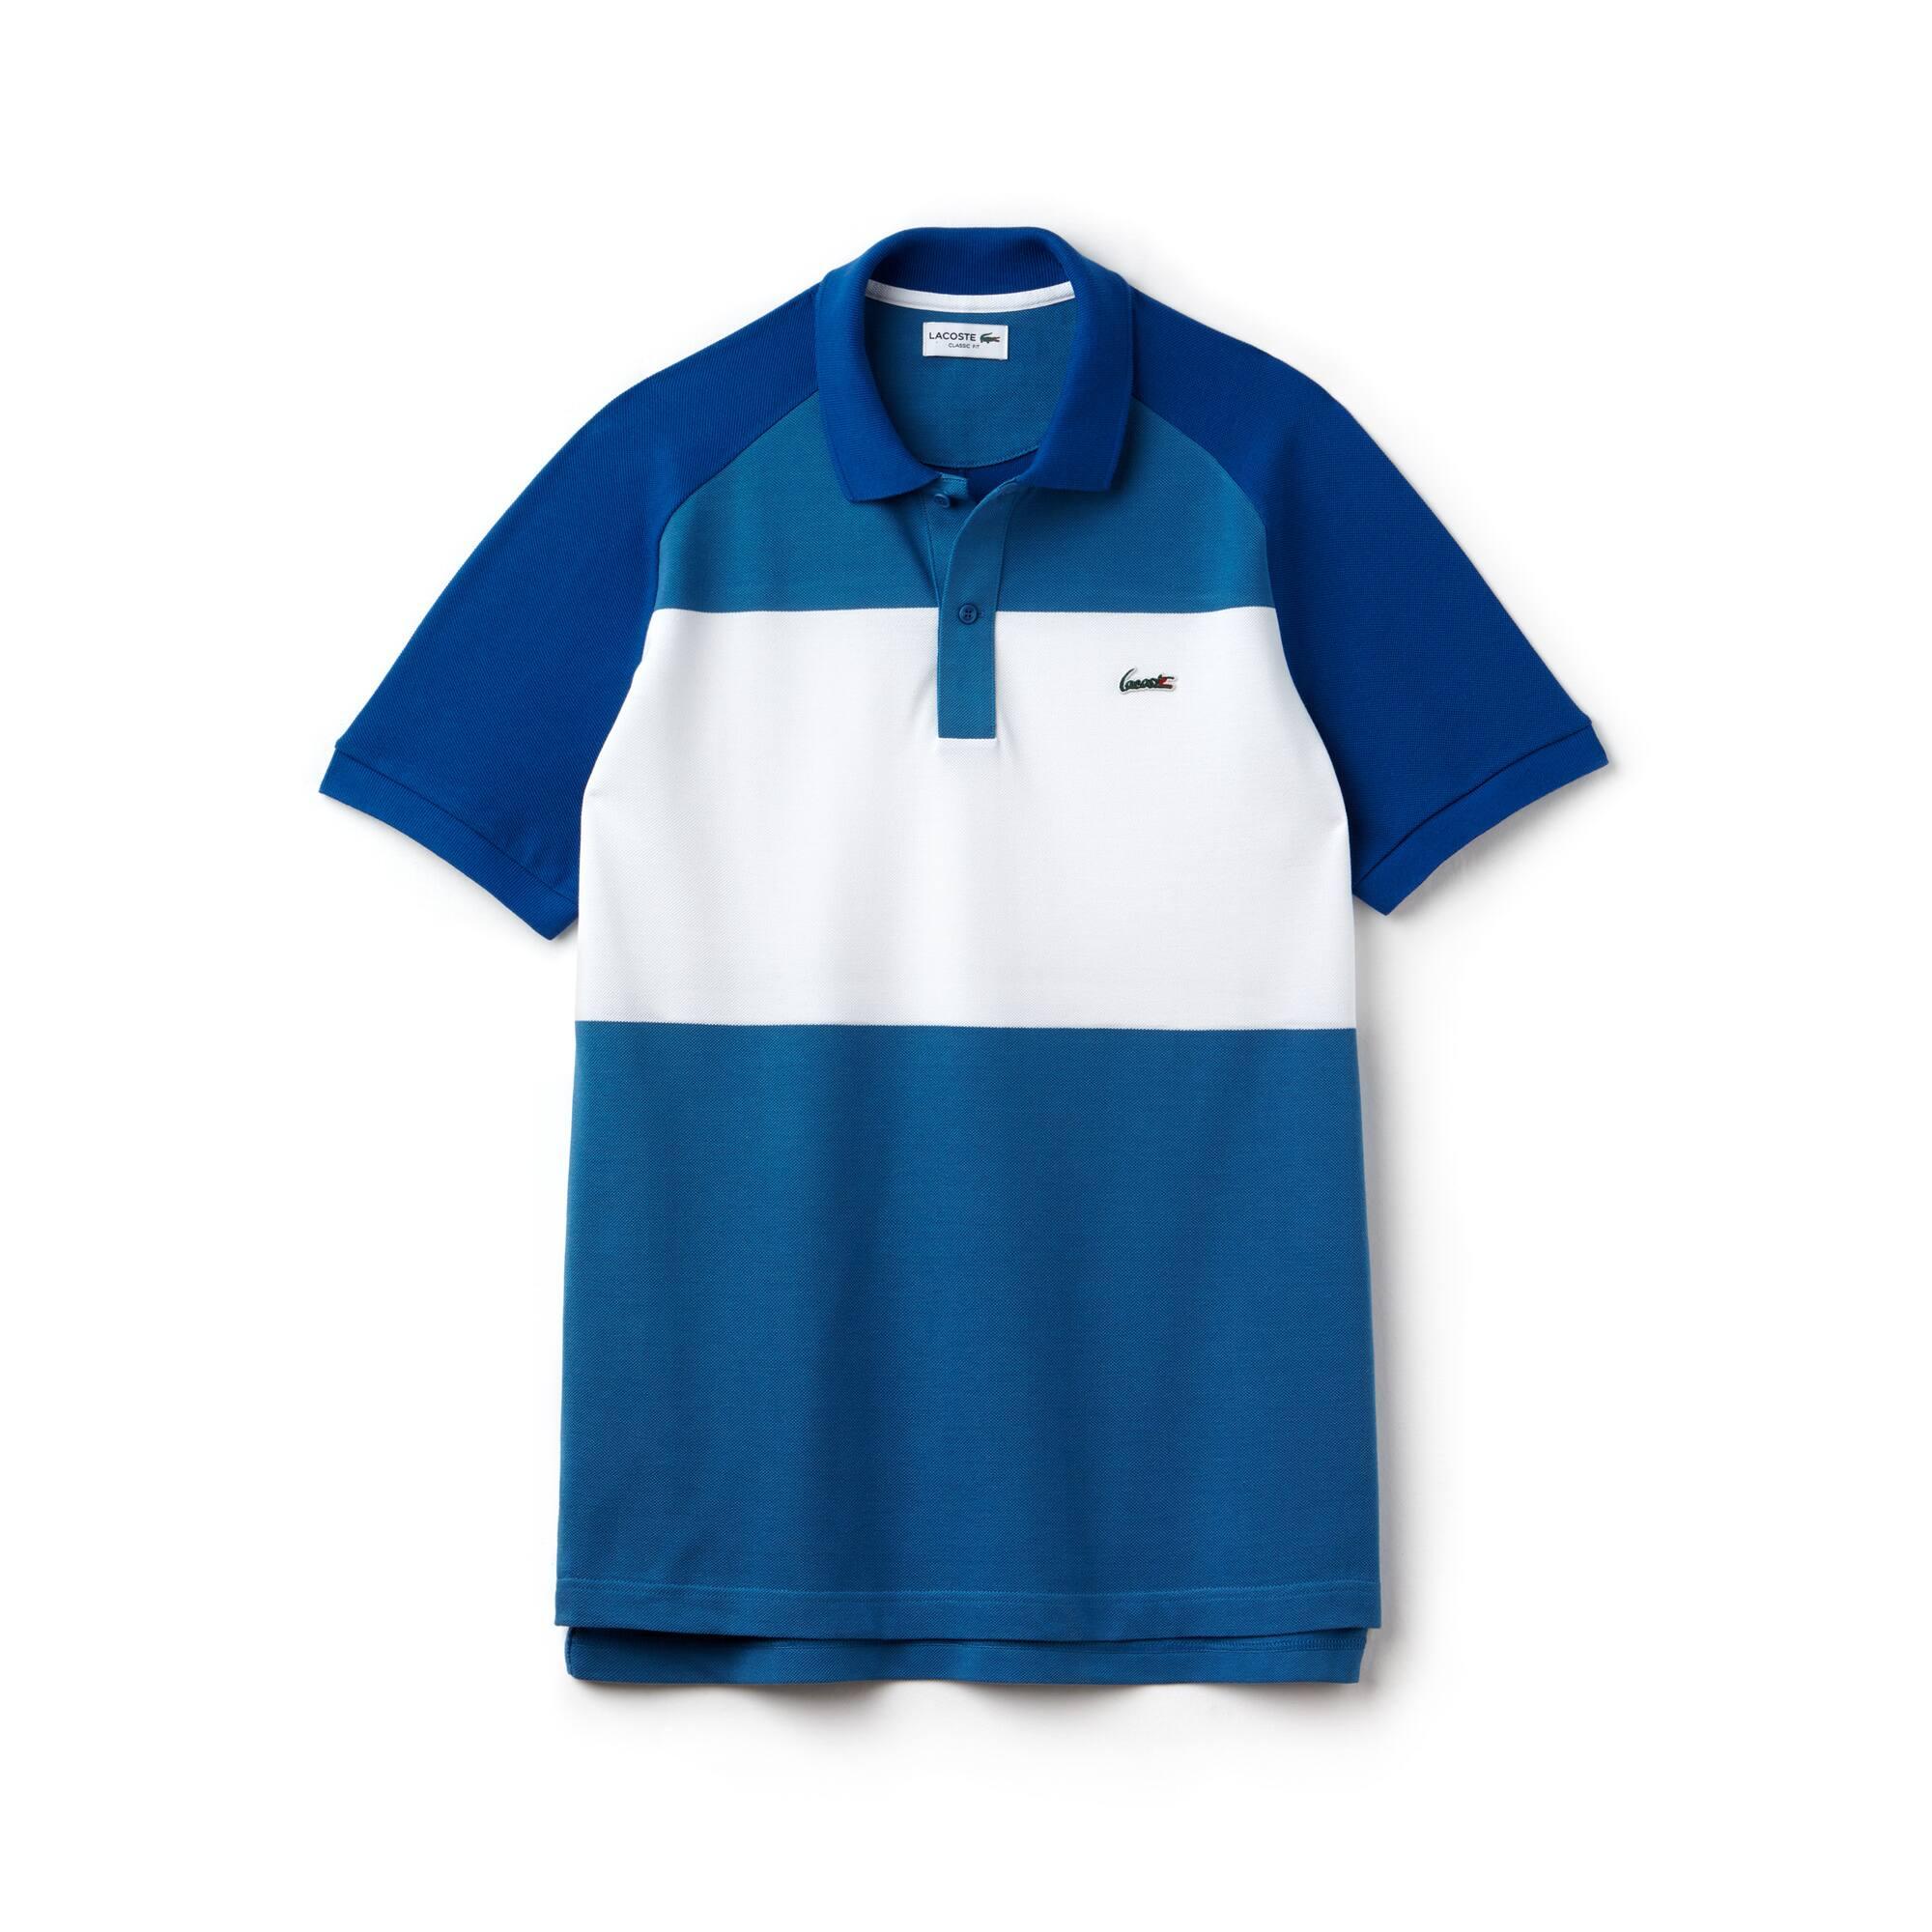 Men's Lacoste L.12.12 Colorblock Cotton Petit Piqué Polo Shirt